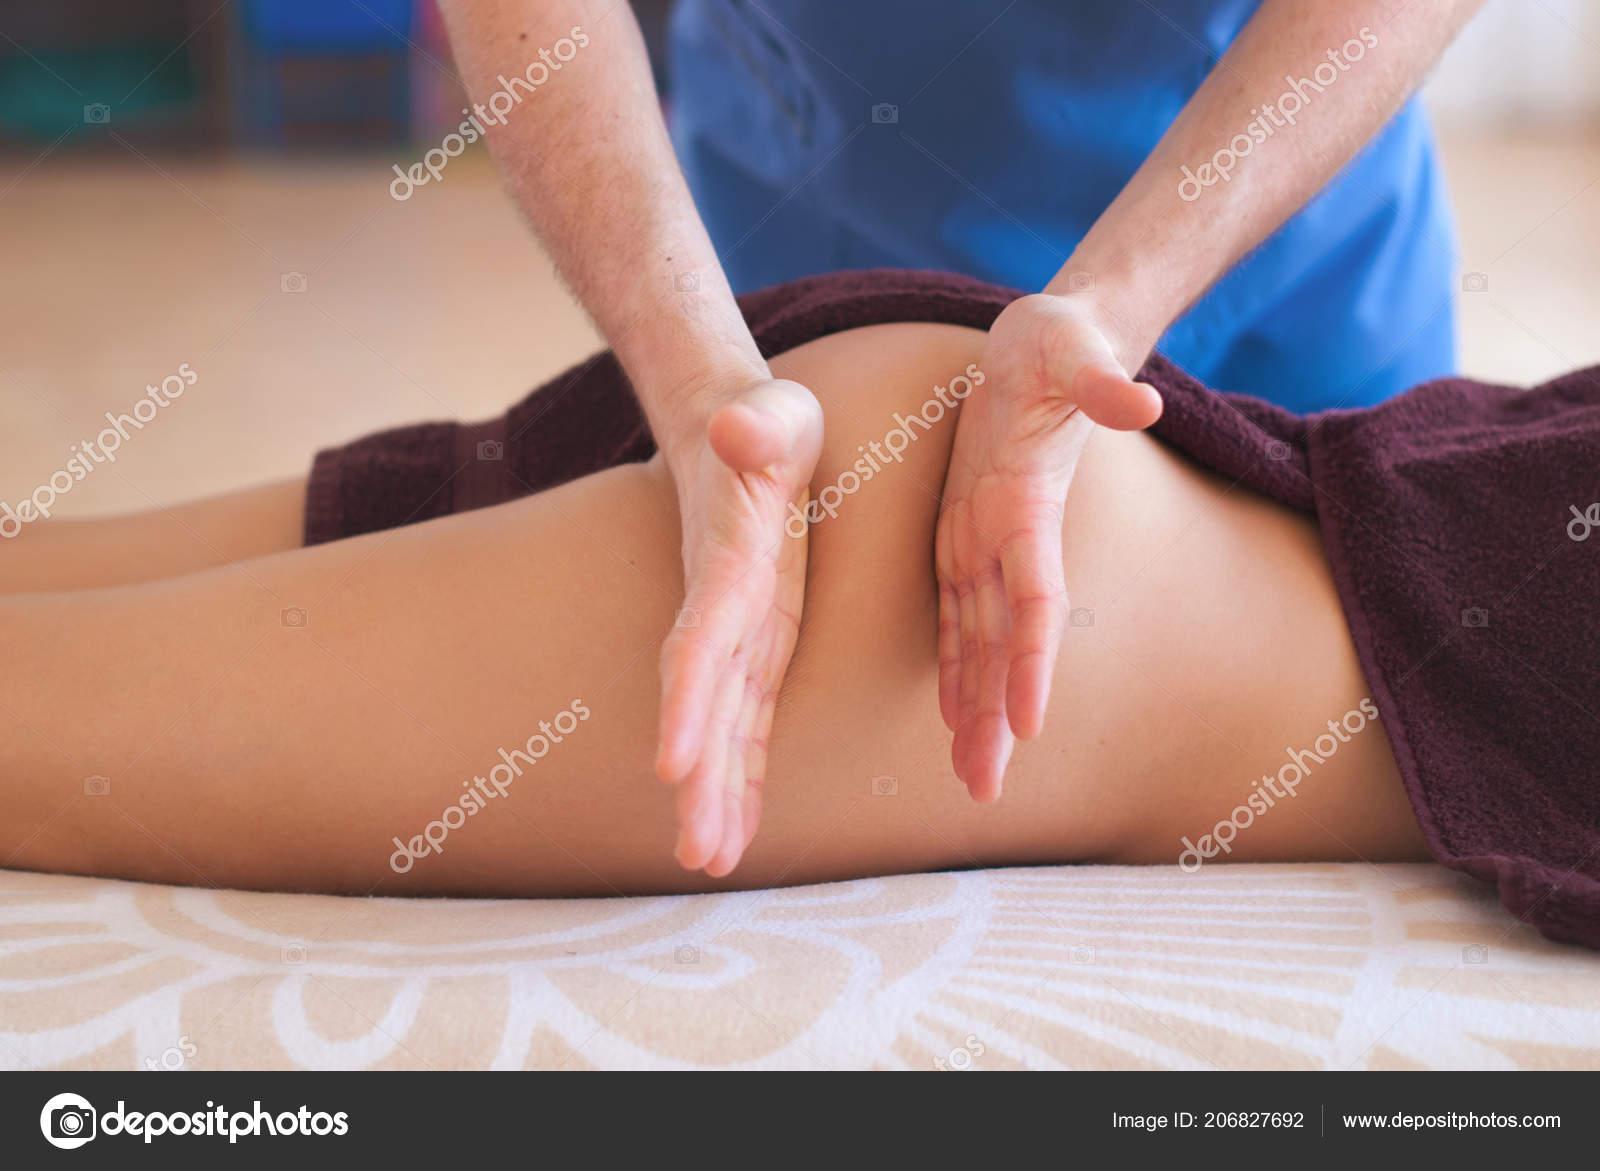 Уход за анусом, Интимная гигиена мужчины 19 фотография